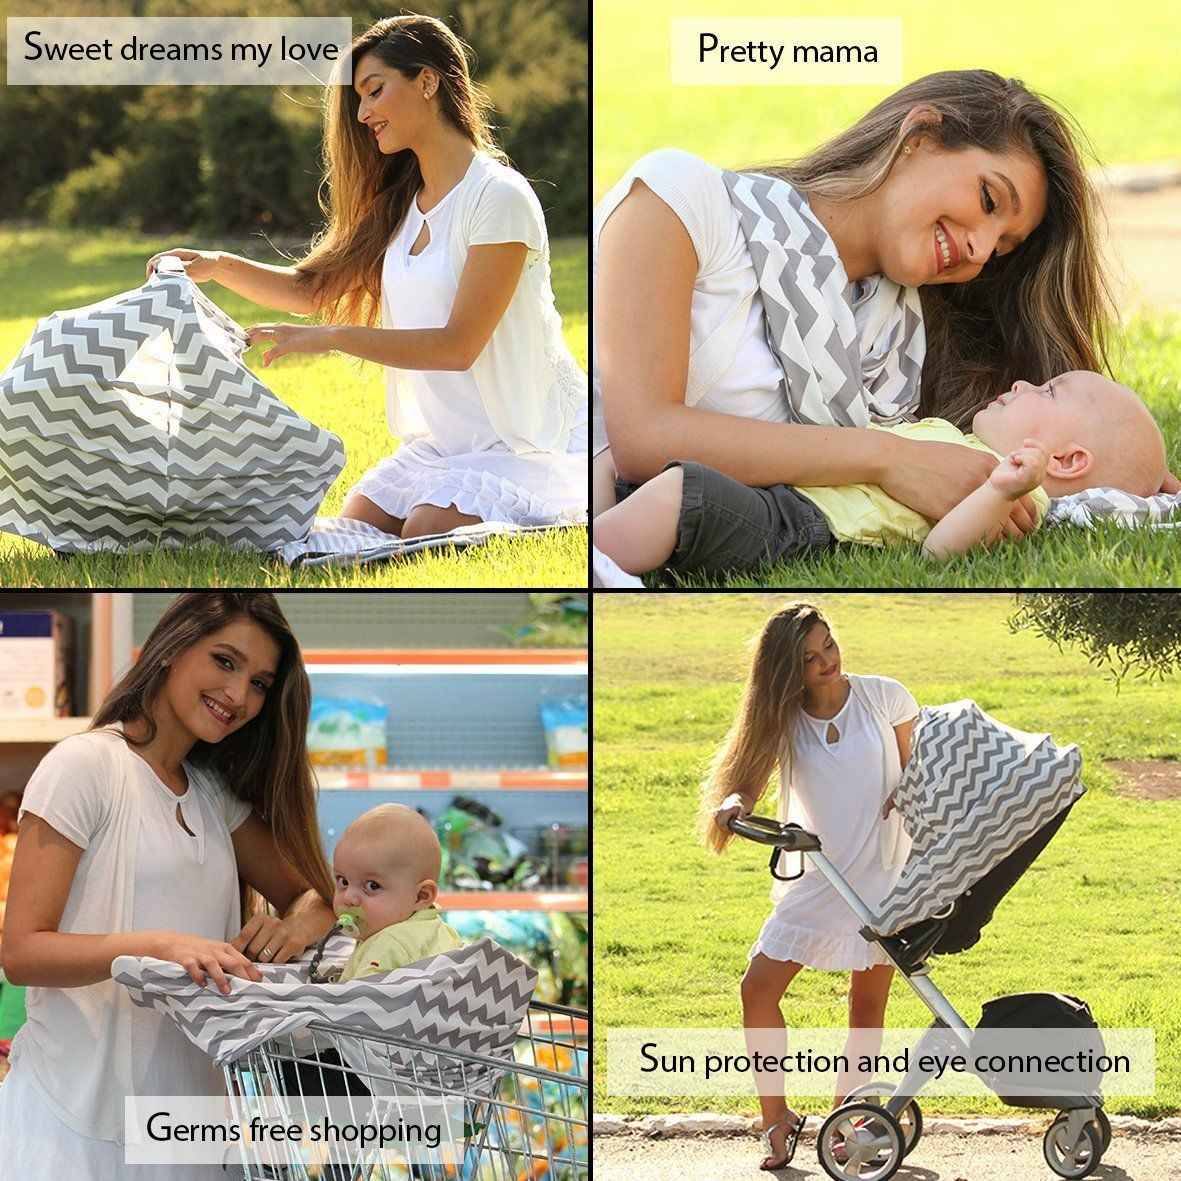 לנשימה סיעוד צעיף מגבת כיסוי הנקה תינוק סיאט החופה כיסוי סינר צעיף אנטי התרוקן האכלת כיסוי מגבת